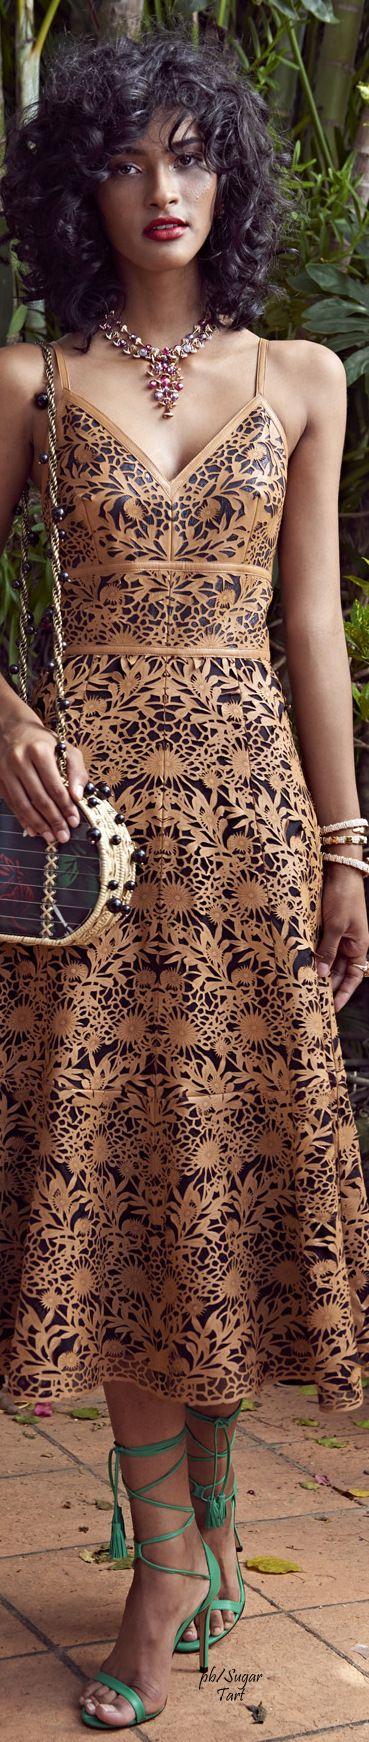 Patricia Viera Spring 2017 vestido Summer verão dresses lux luxo alta costura bordado detalhes details fashion fashionista moda chic chique glamour festa fest